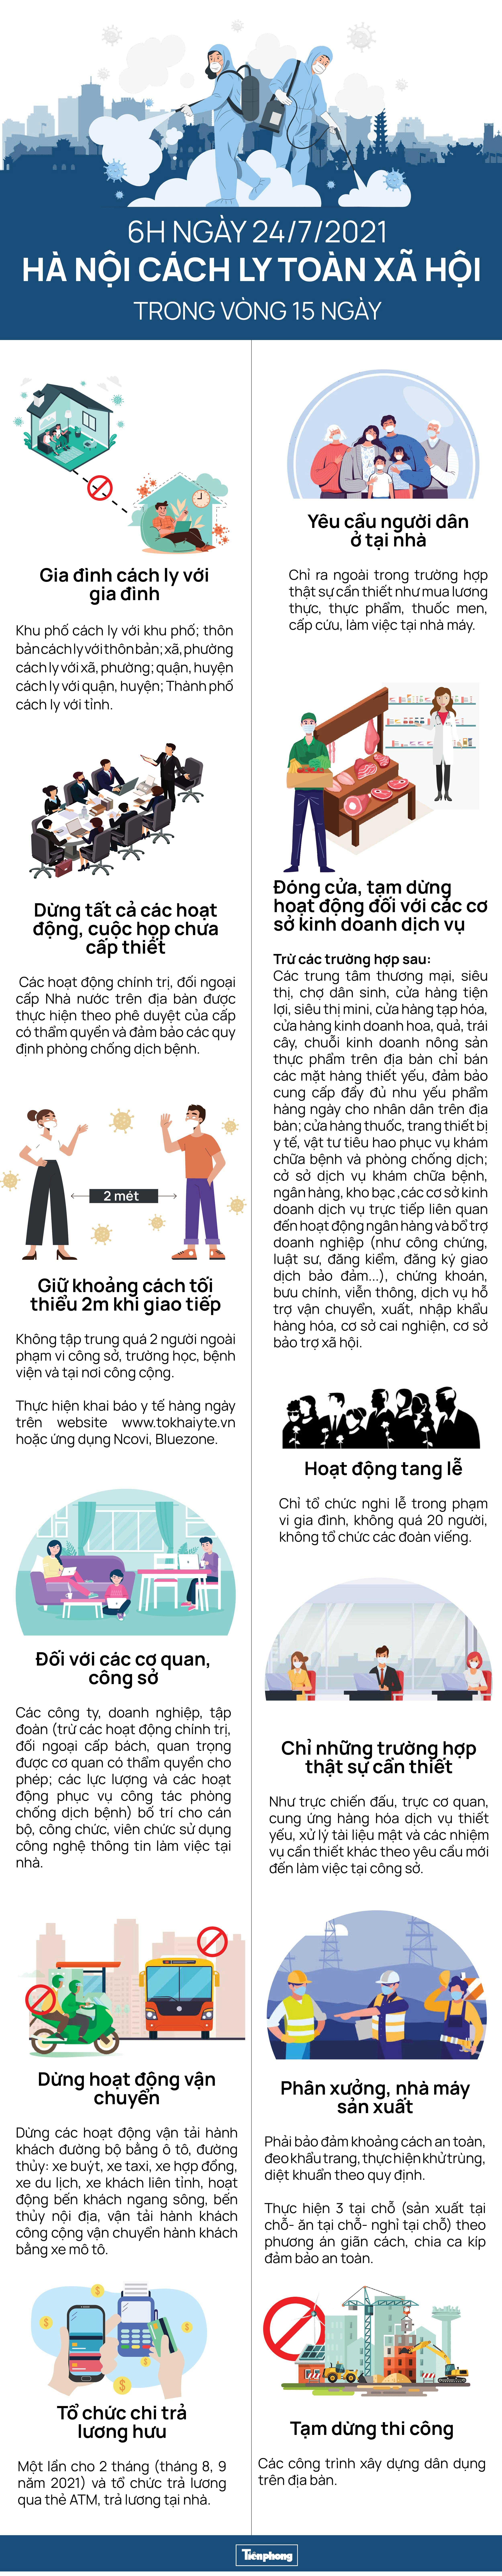 [Infographic] Hà Nội cách ly toàn xã hội 15 ngày, người dân được làm những gì? - 1